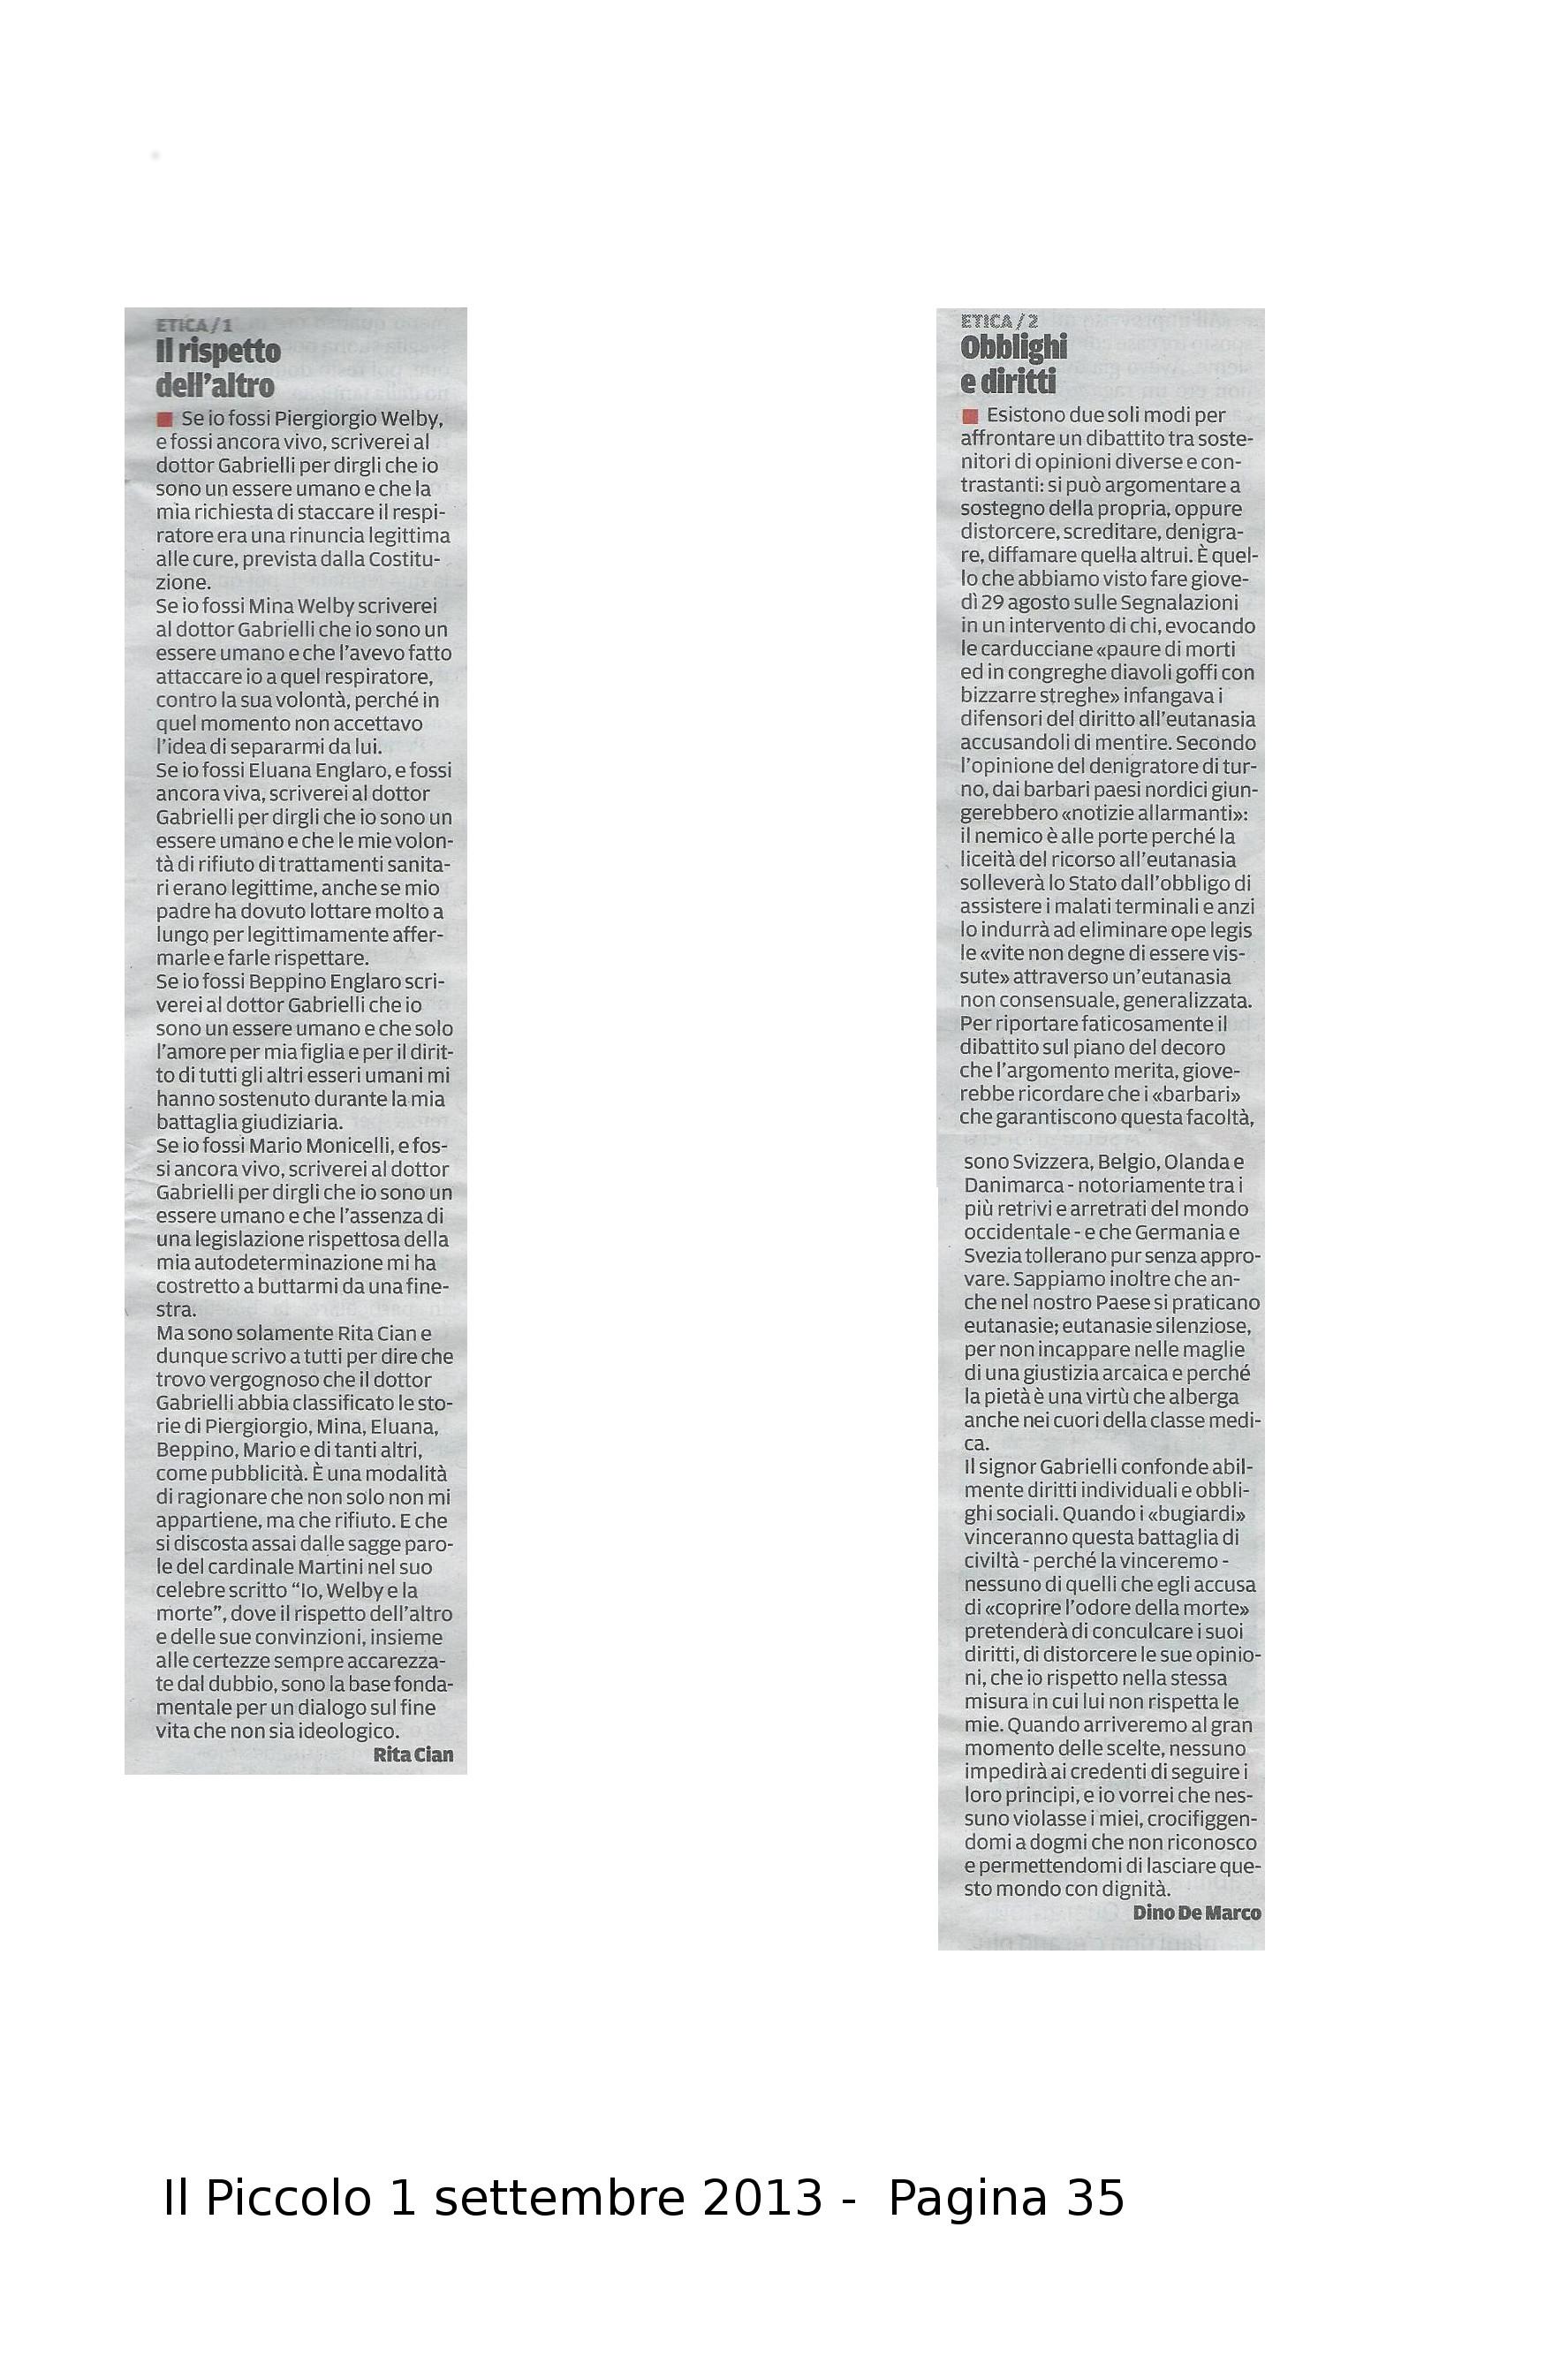 2013-09-01 Il Piccolo pagina 35 - Segnalazioni